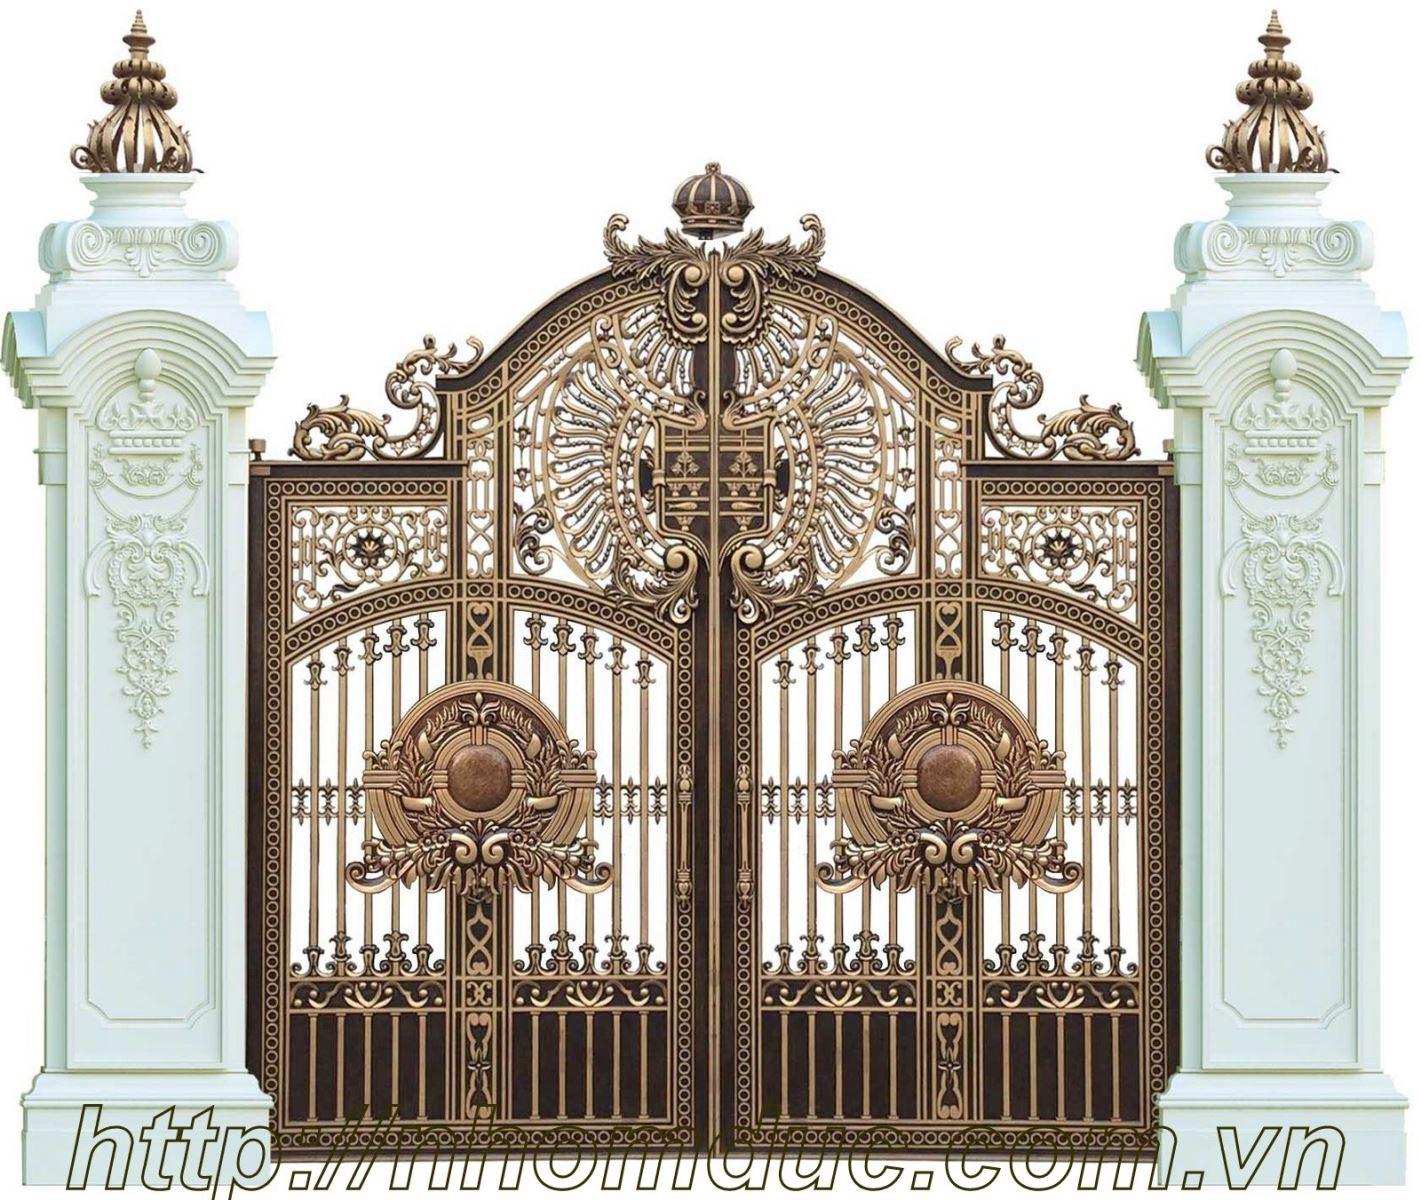 Giá cổng nhôm đúc tại hải phòng, báo giá cổng nhôm đúc, báo giá cửa nhôm đúc. Các sản phẩm hàng rào, lan can, cầu thang, bông gió nhôm đúc, bàn ghế